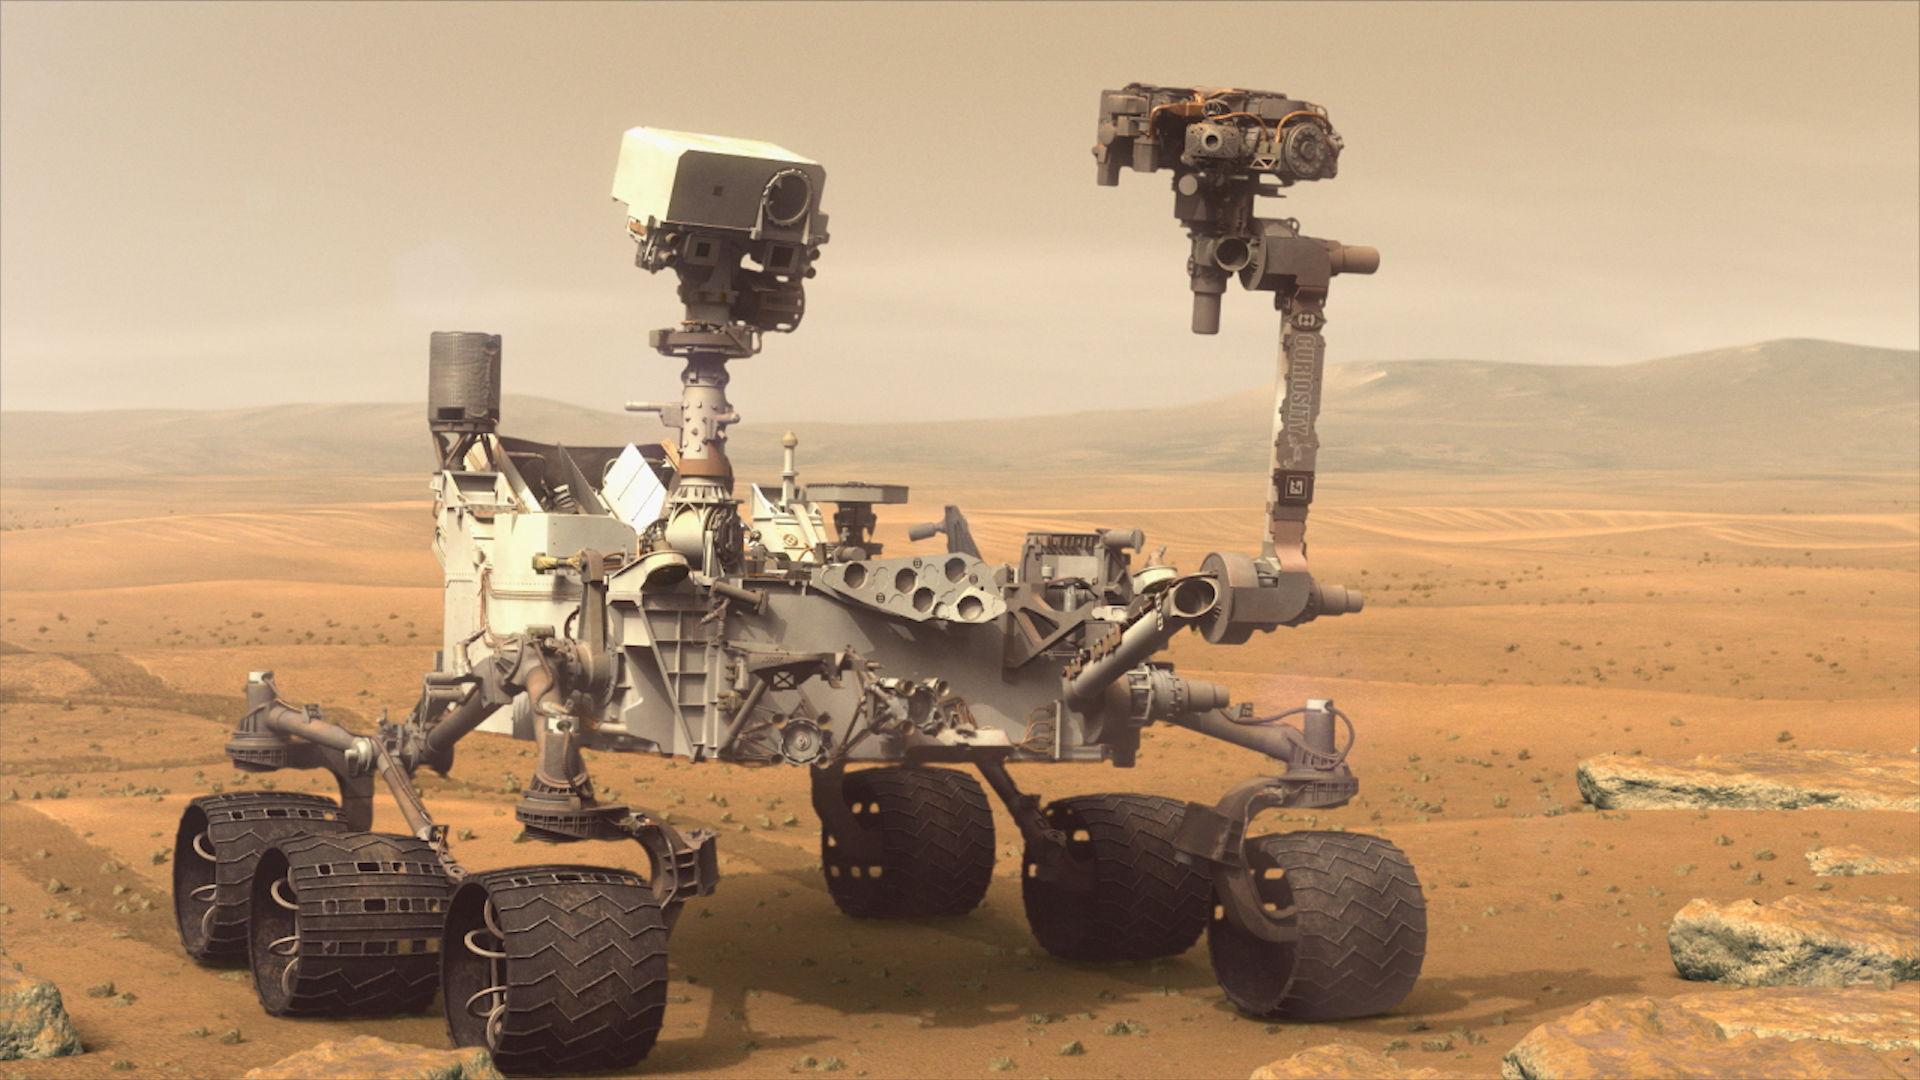 Якщо марсохід не вийде запустити цього літа, місію потрібно буде перенести на осінь 2022 року.